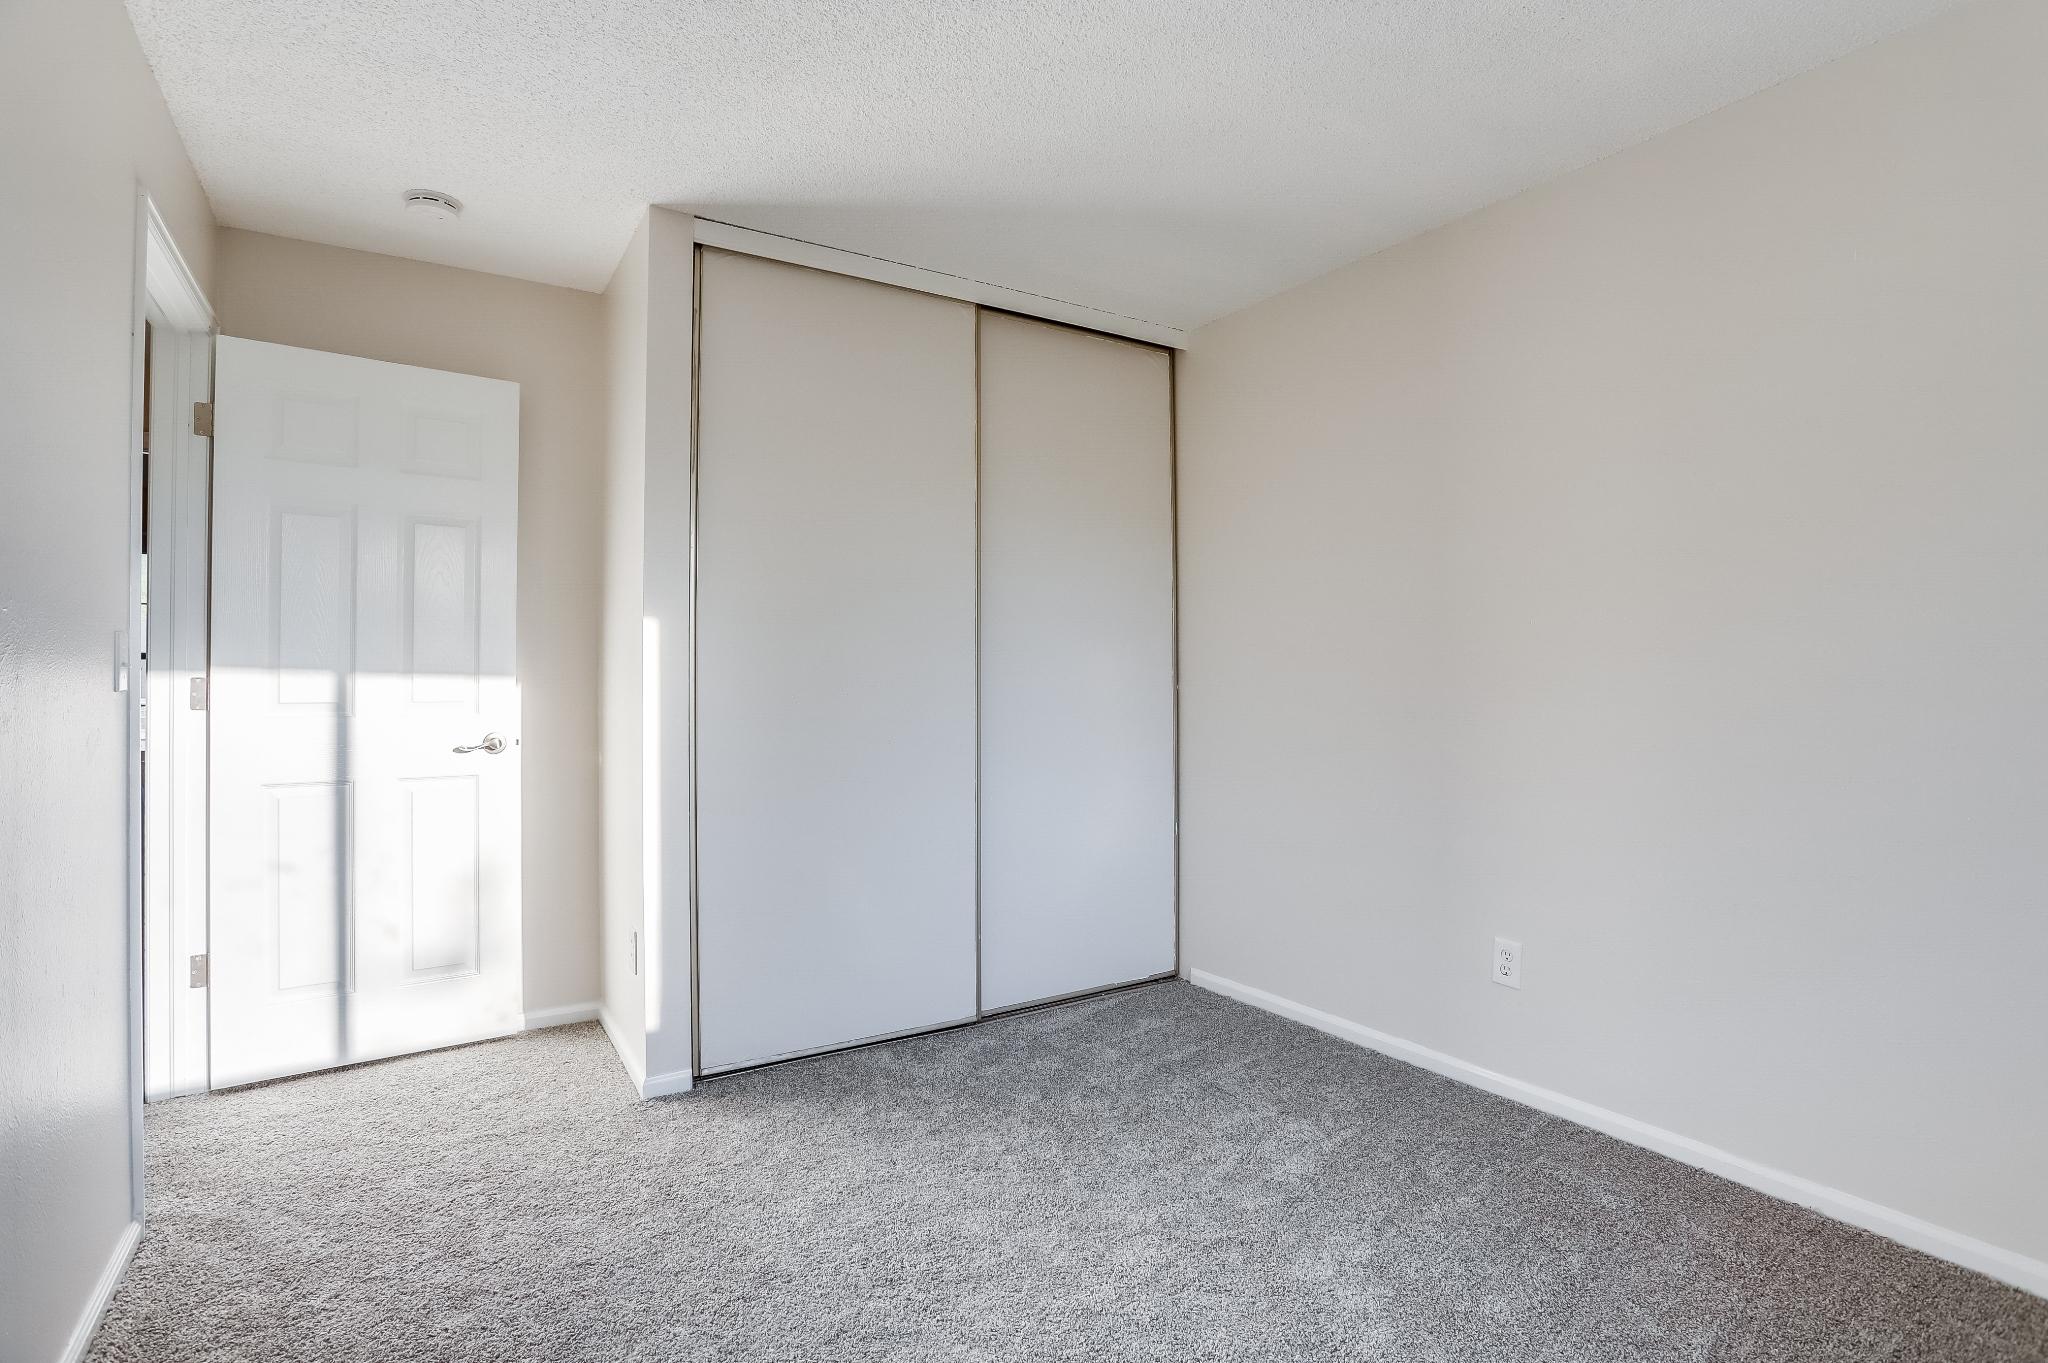 REAL ESTATE LISTING: 4421 Eugene Way Denver Bedroom #3